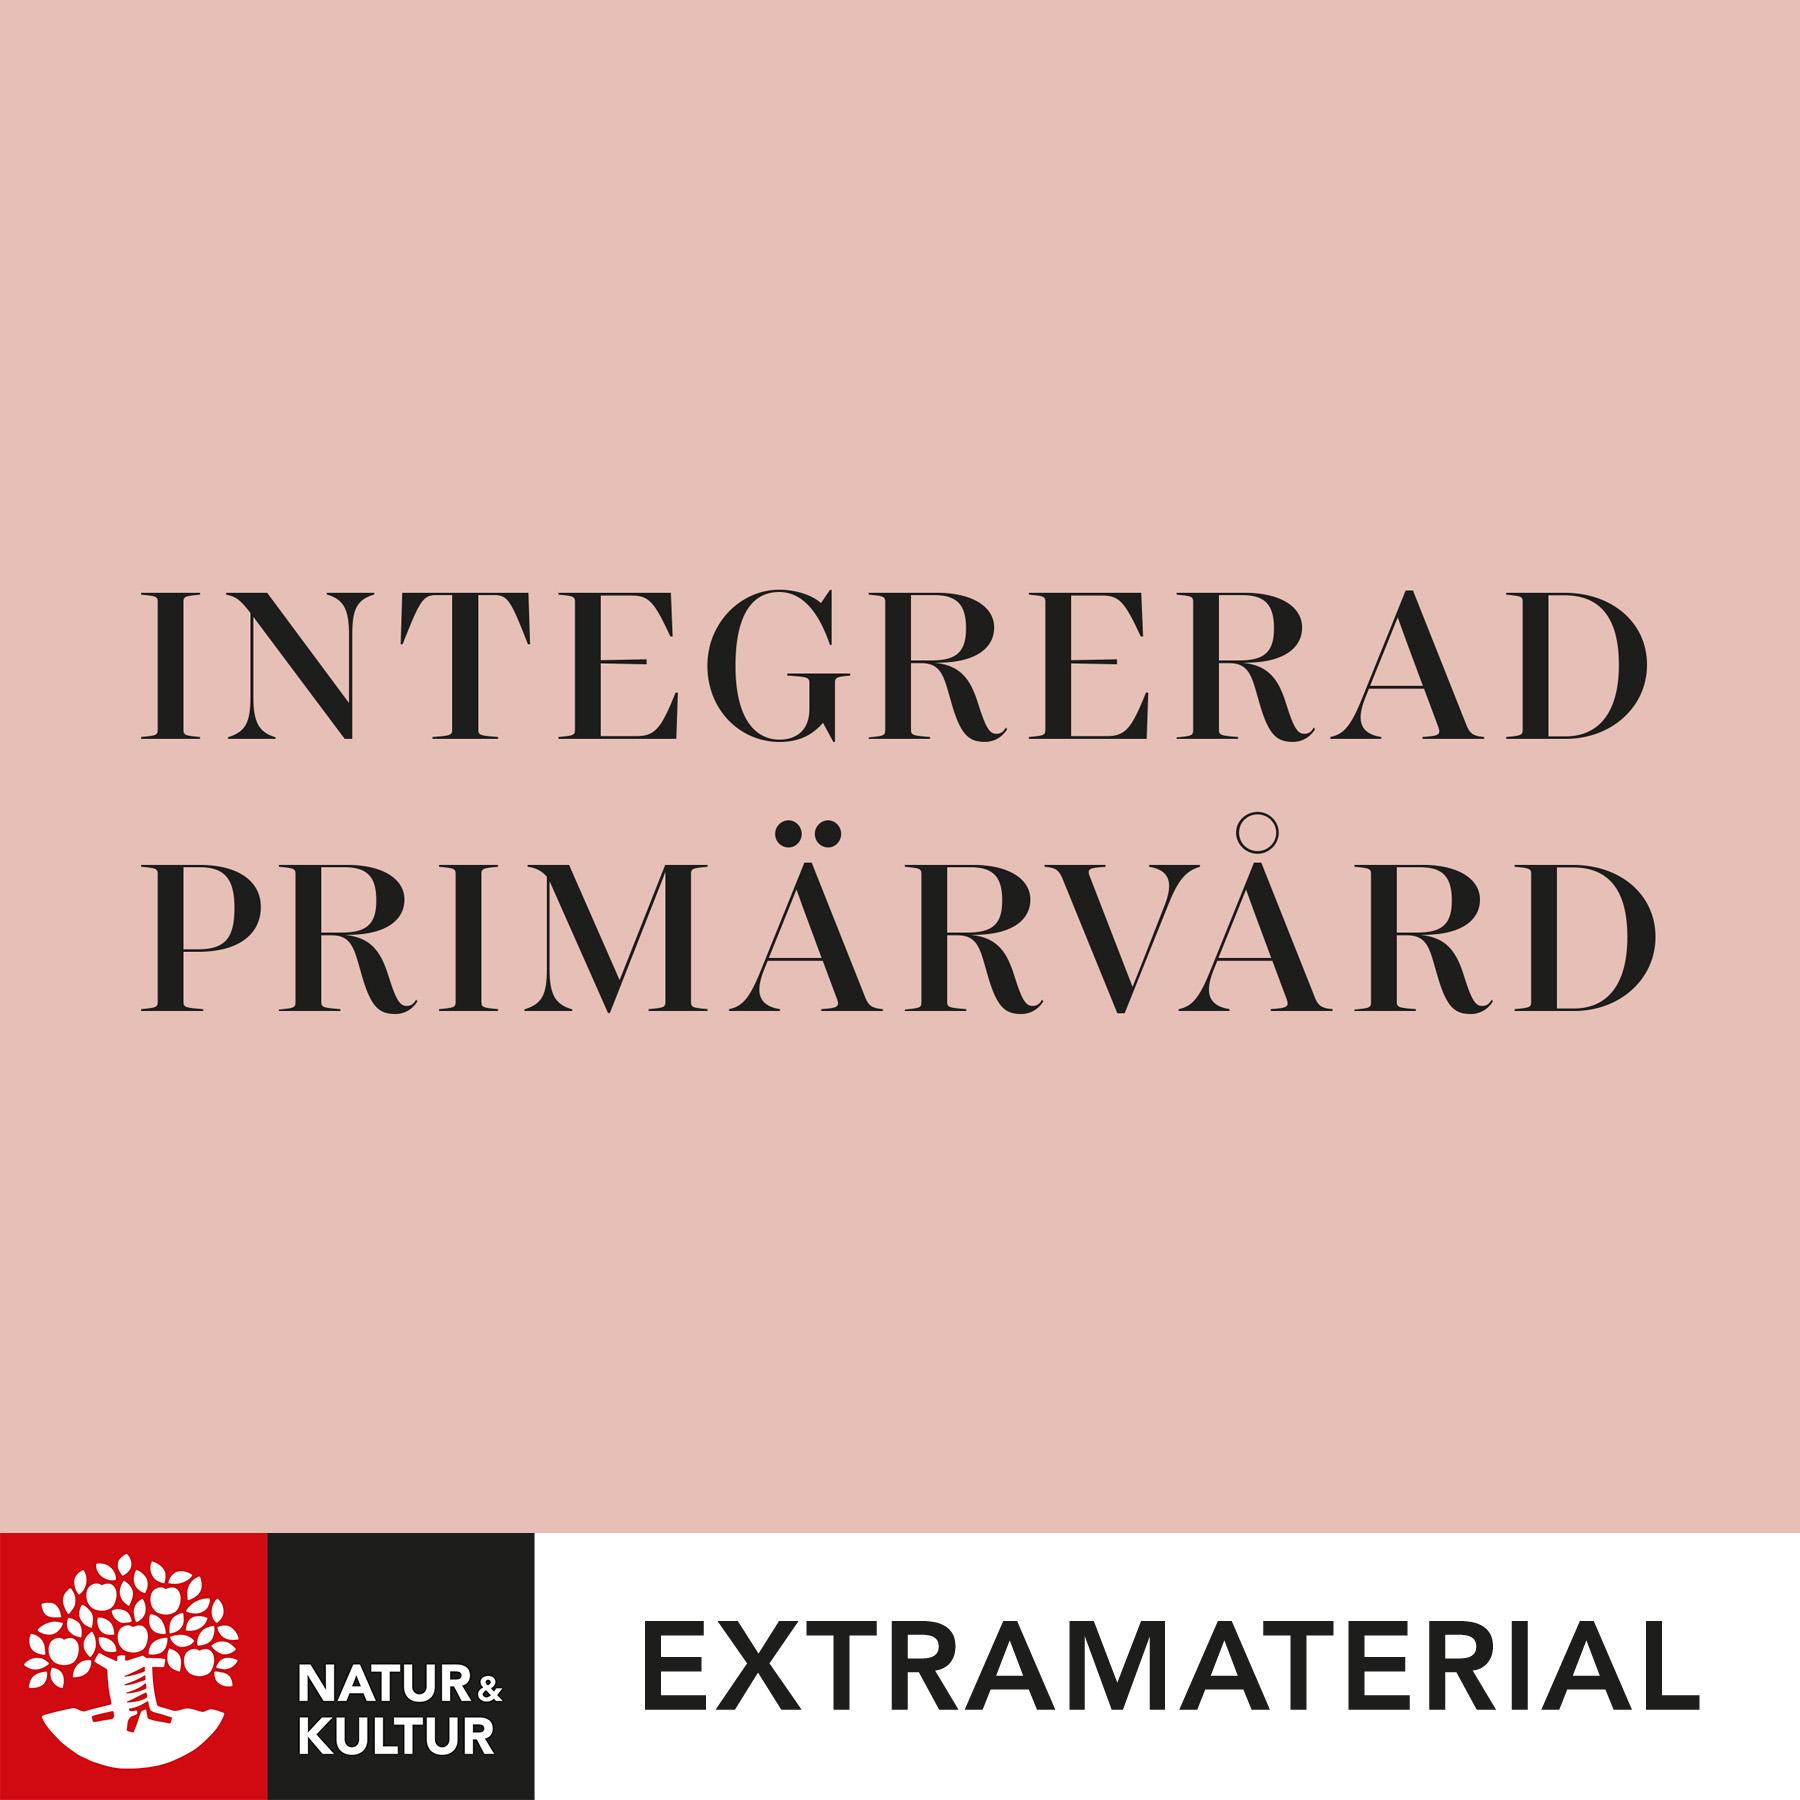 Integrerad primärvård